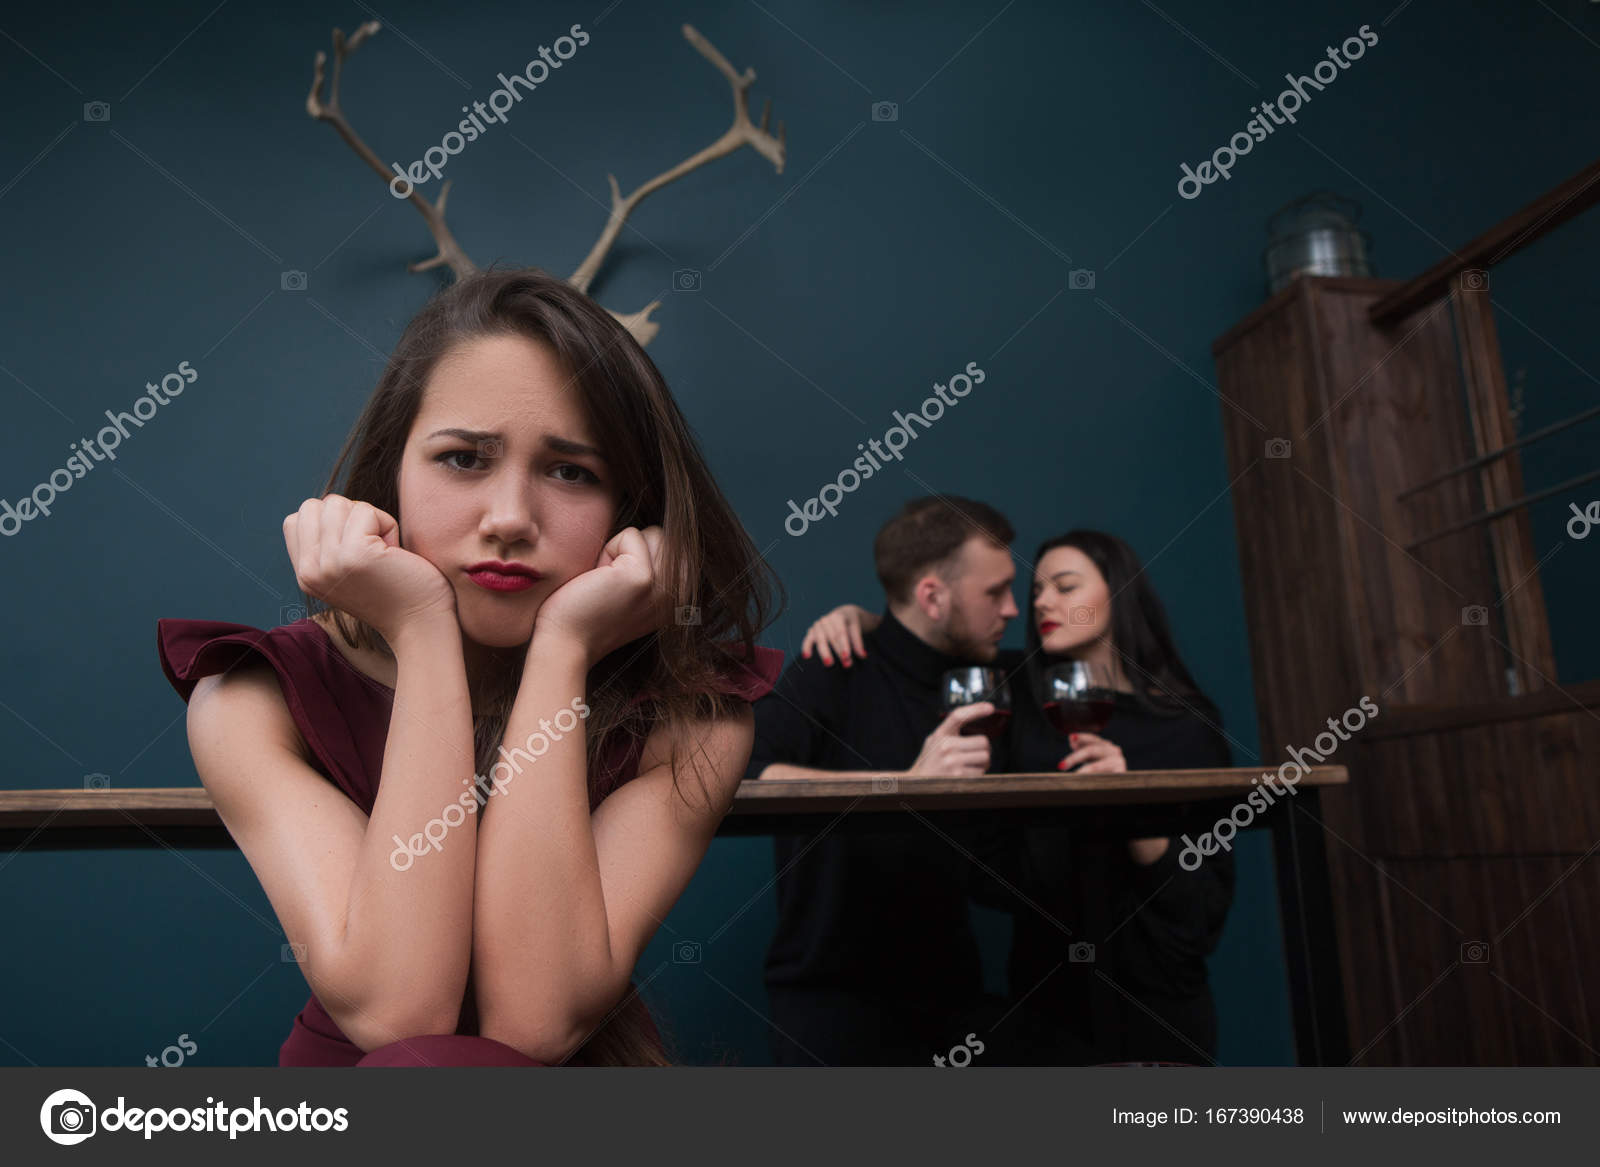 Kluge Dinge, die man auf einer Dating-Website sagen kann